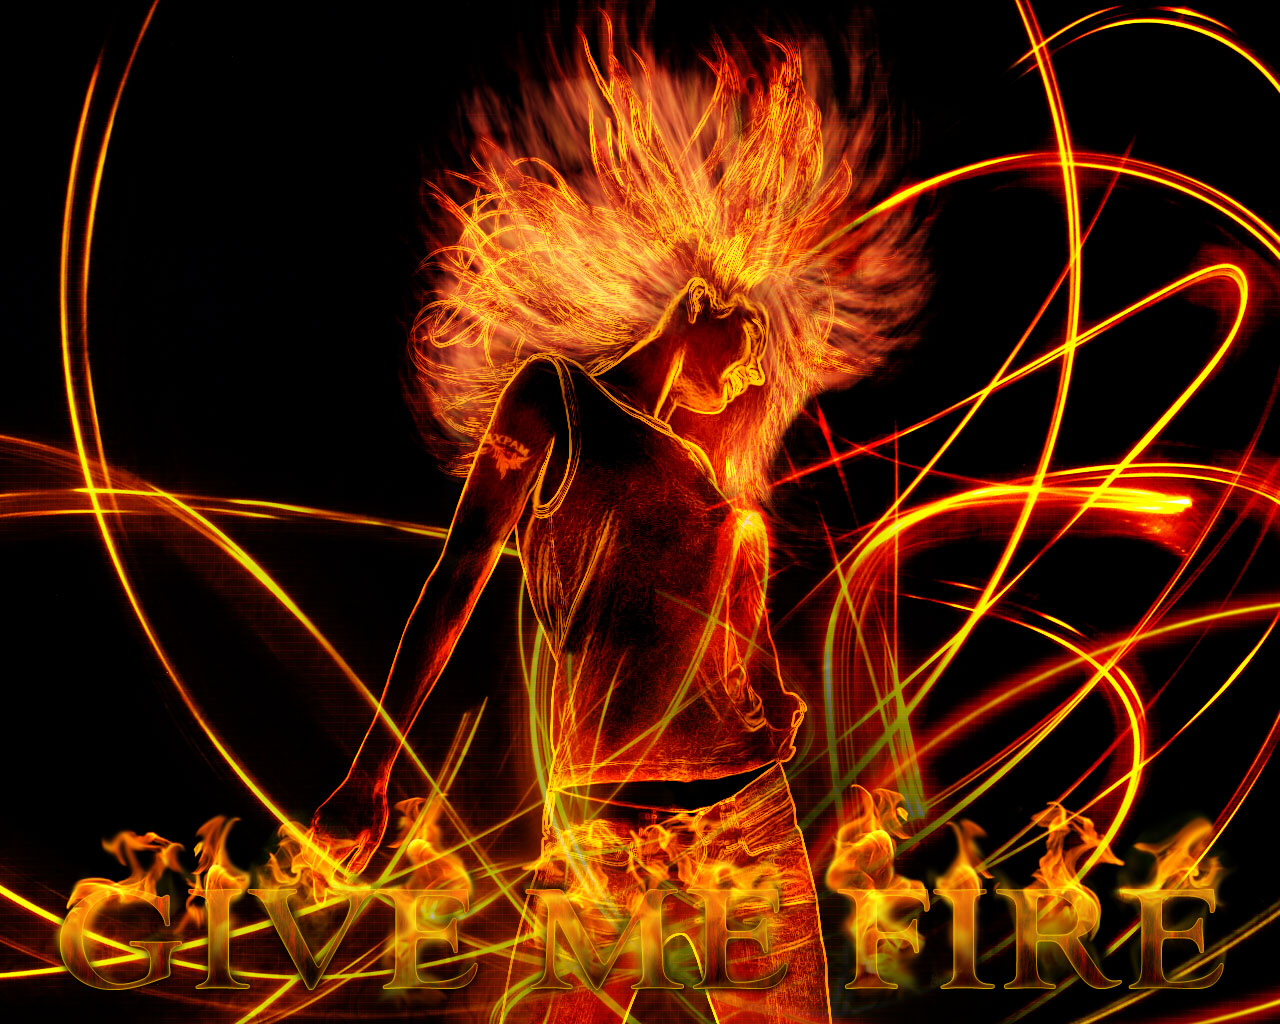 http://2.bp.blogspot.com/-fzbp9bgNu5Q/TpRKMZ0IT1I/AAAAAAAAALw/ryR_lGdmMsQ/s1600/fire_dance_1280x1024.jpg